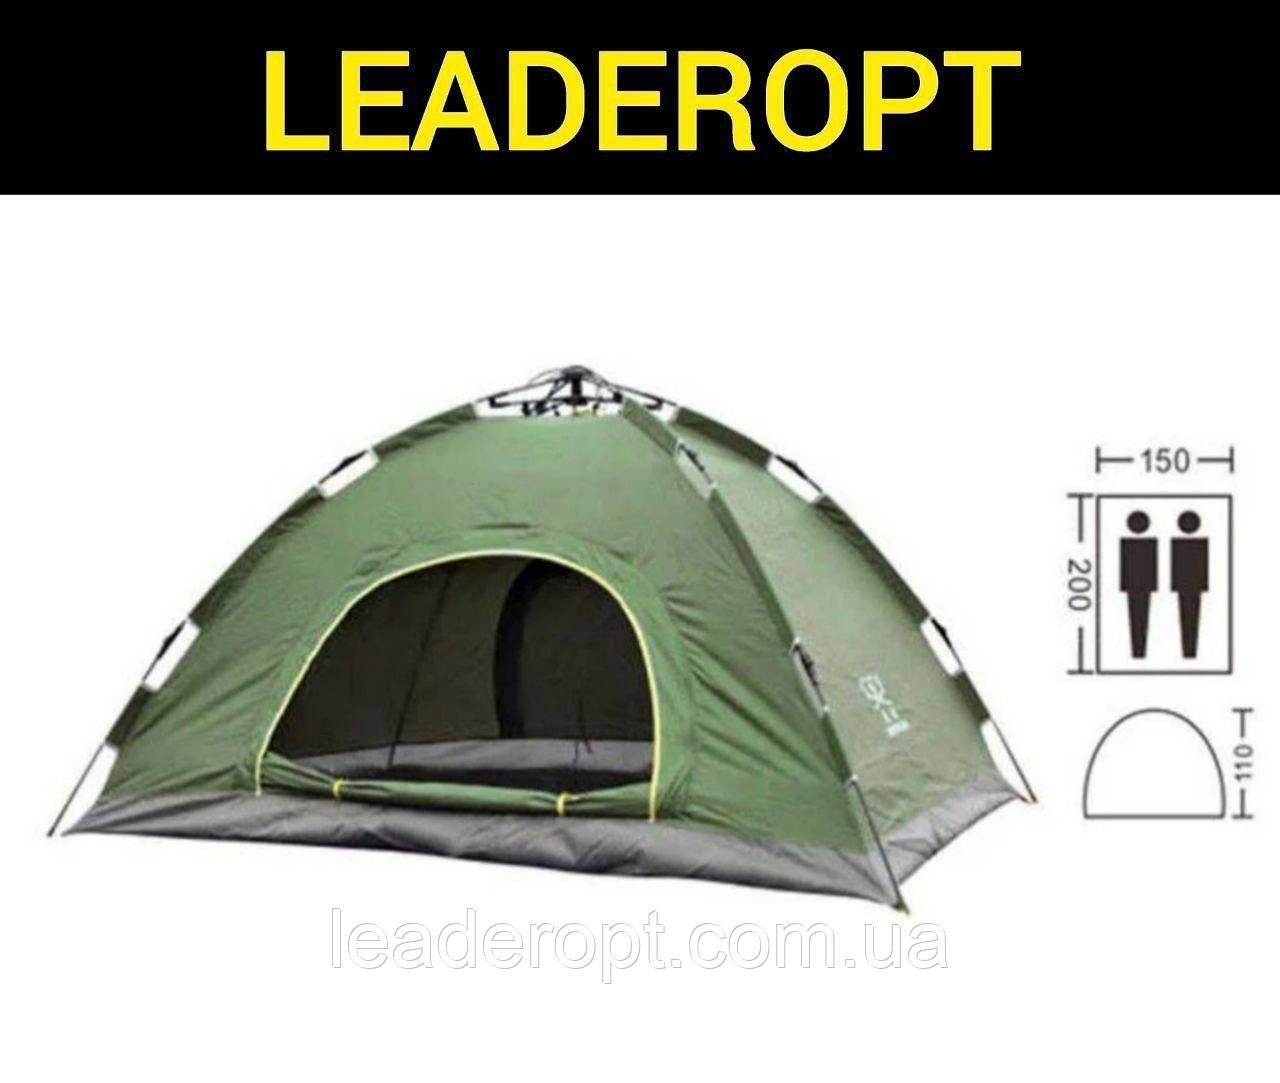 ОПТ Палатка кемпинговая автоматическая 4-х местная 2×2м однослойная 1 вход без тента